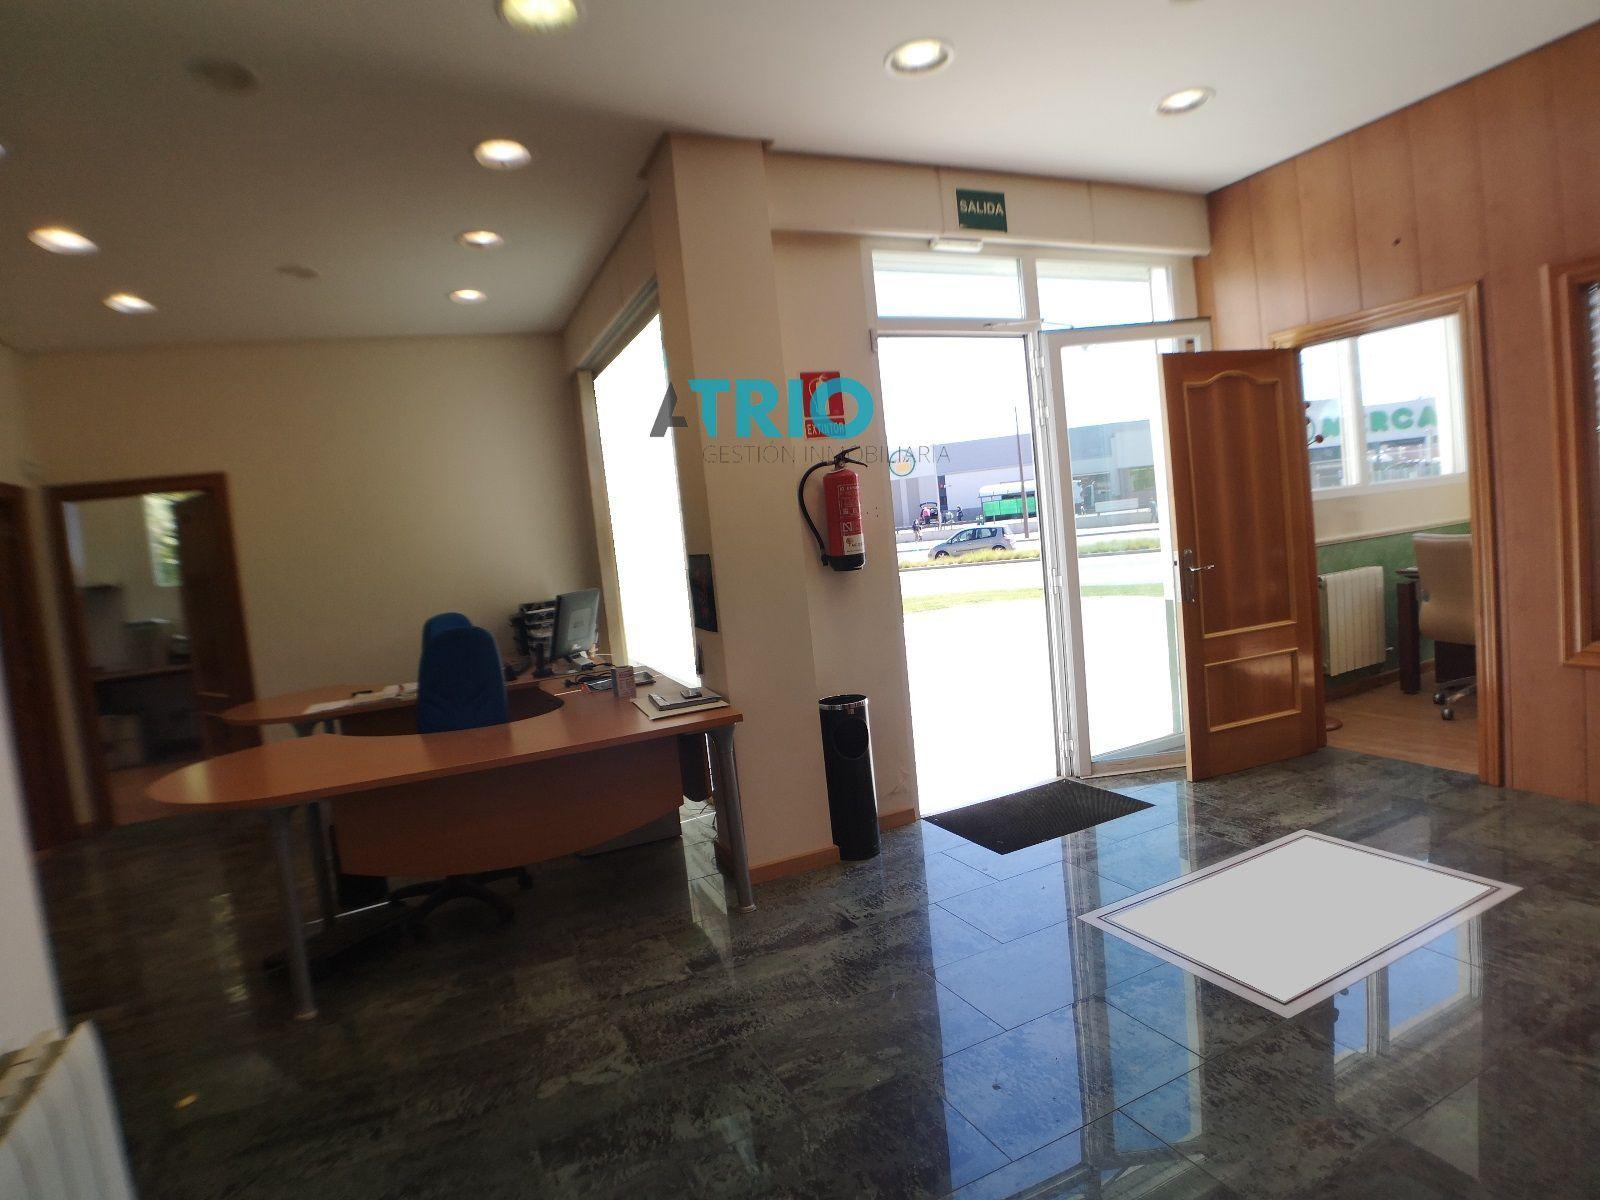 dia.mobiliagestion.es/Portals/inmoatrio/Images/6863/5048601